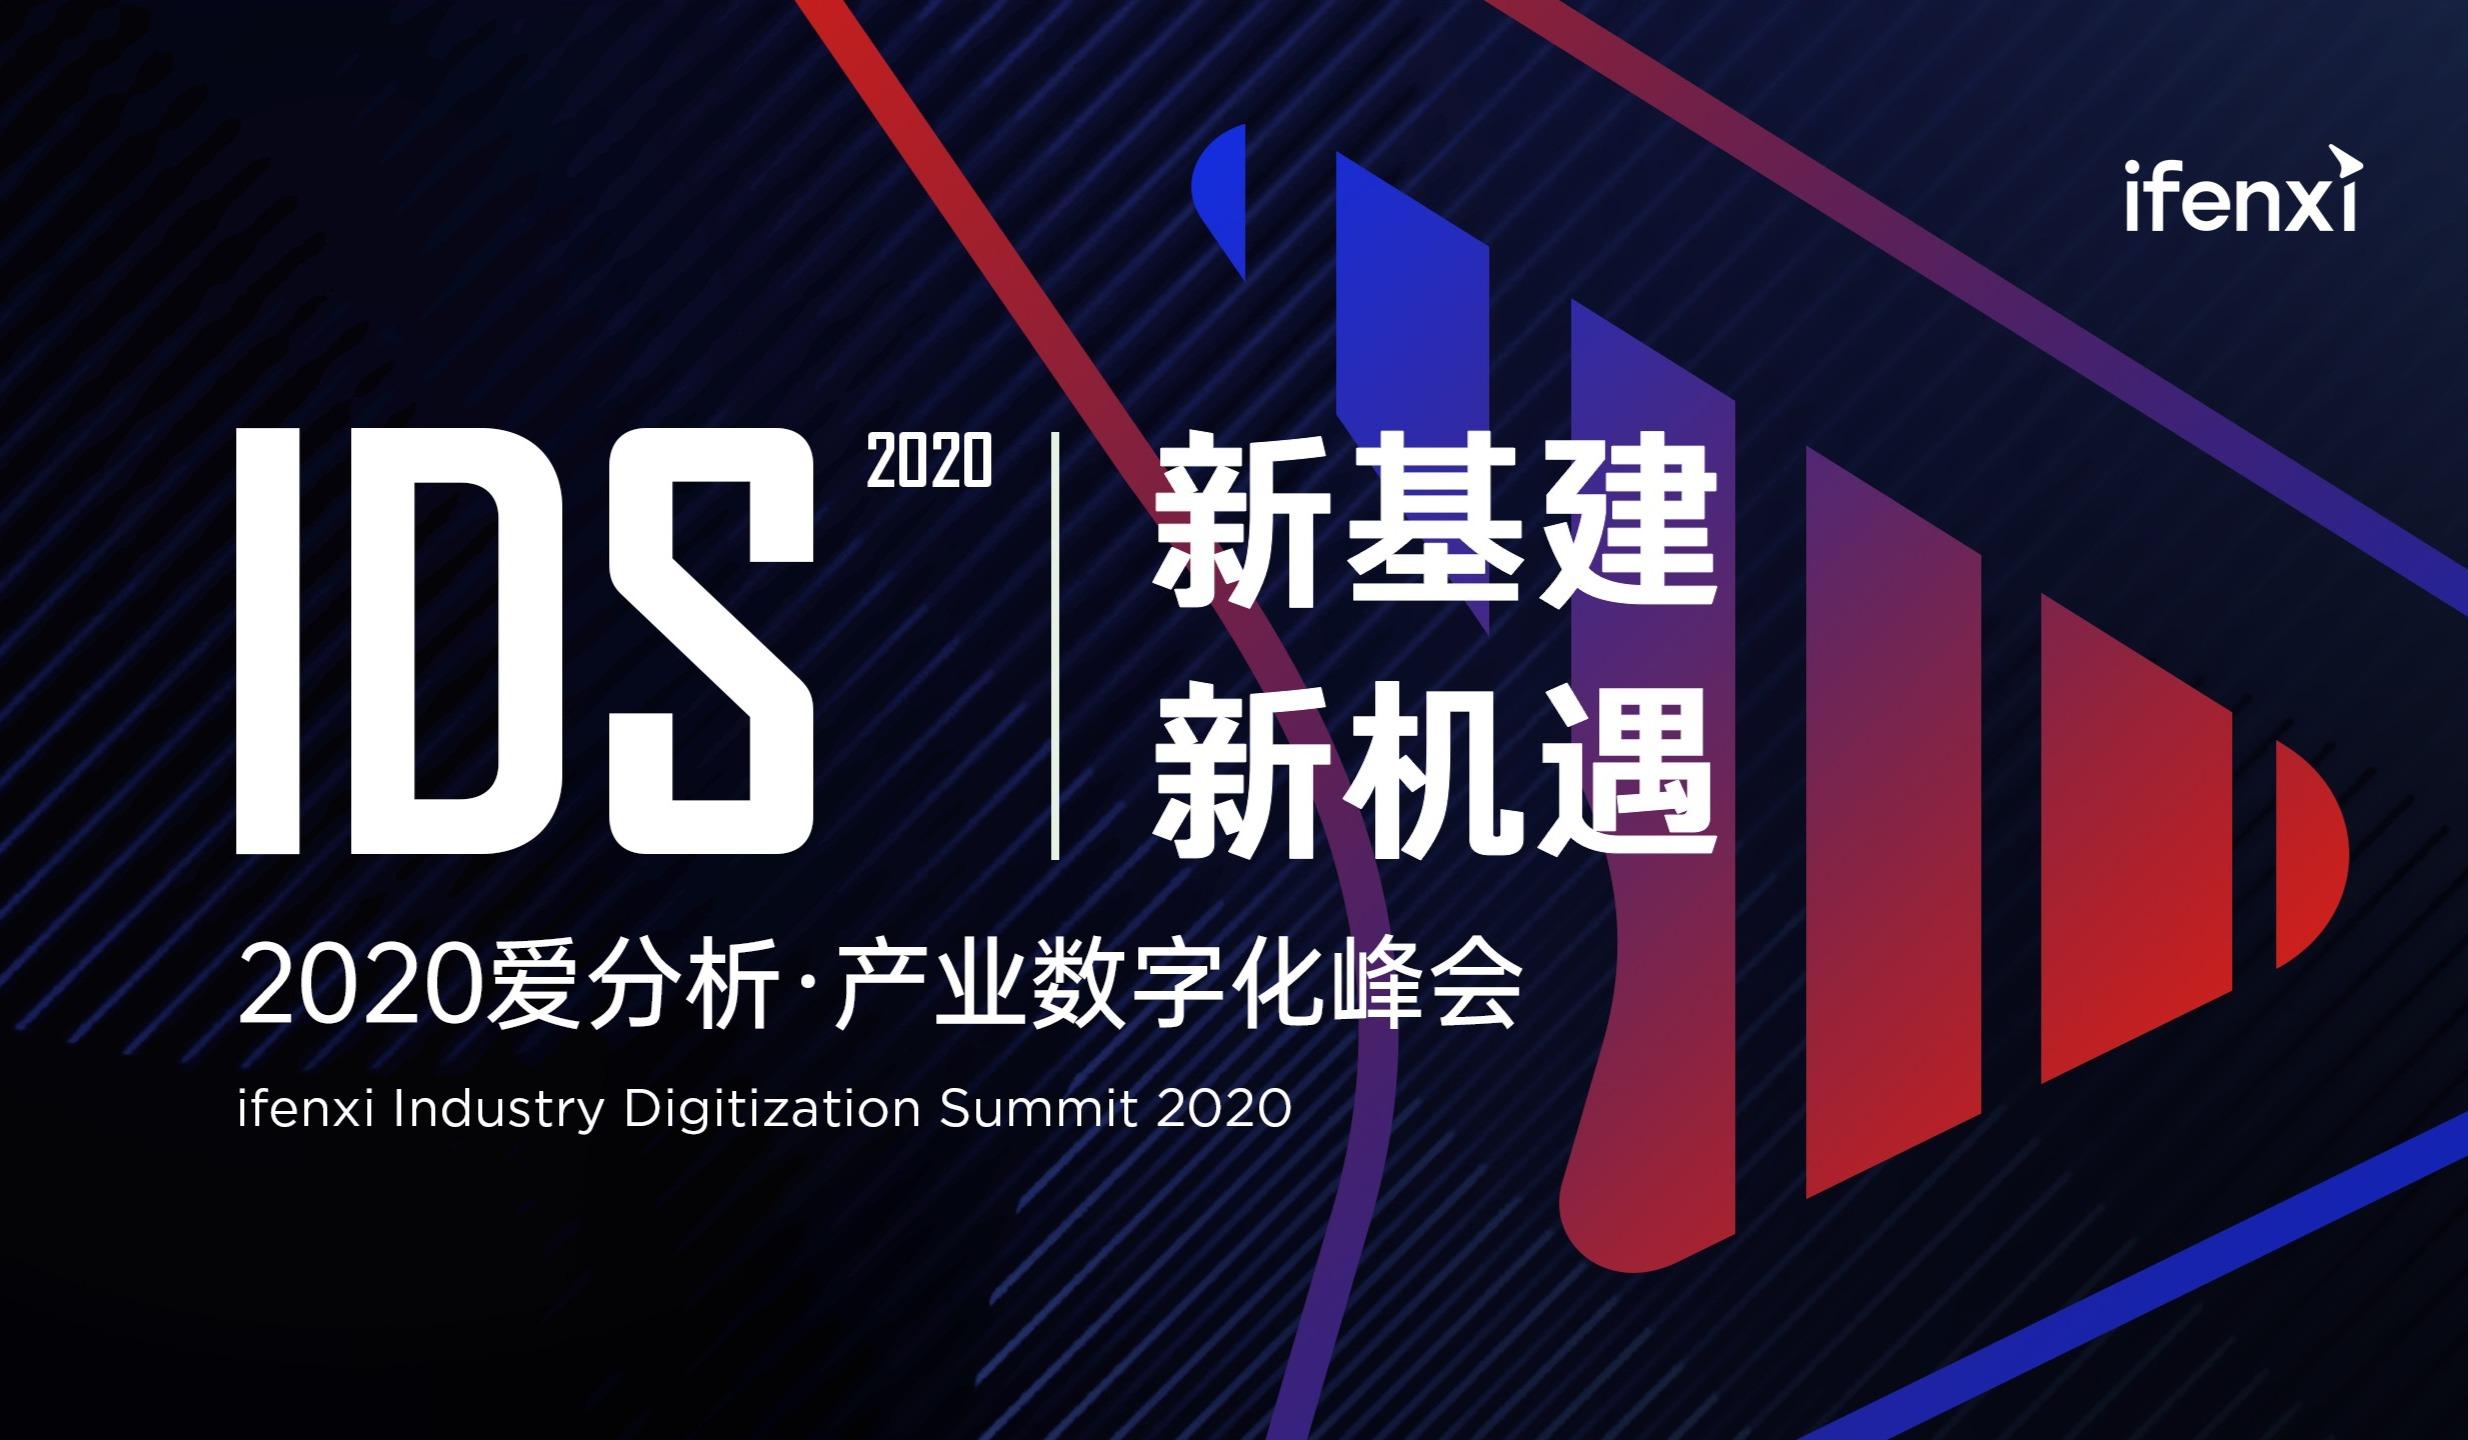 【新基建 新机遇】2020爱分析·产业数字化峰会